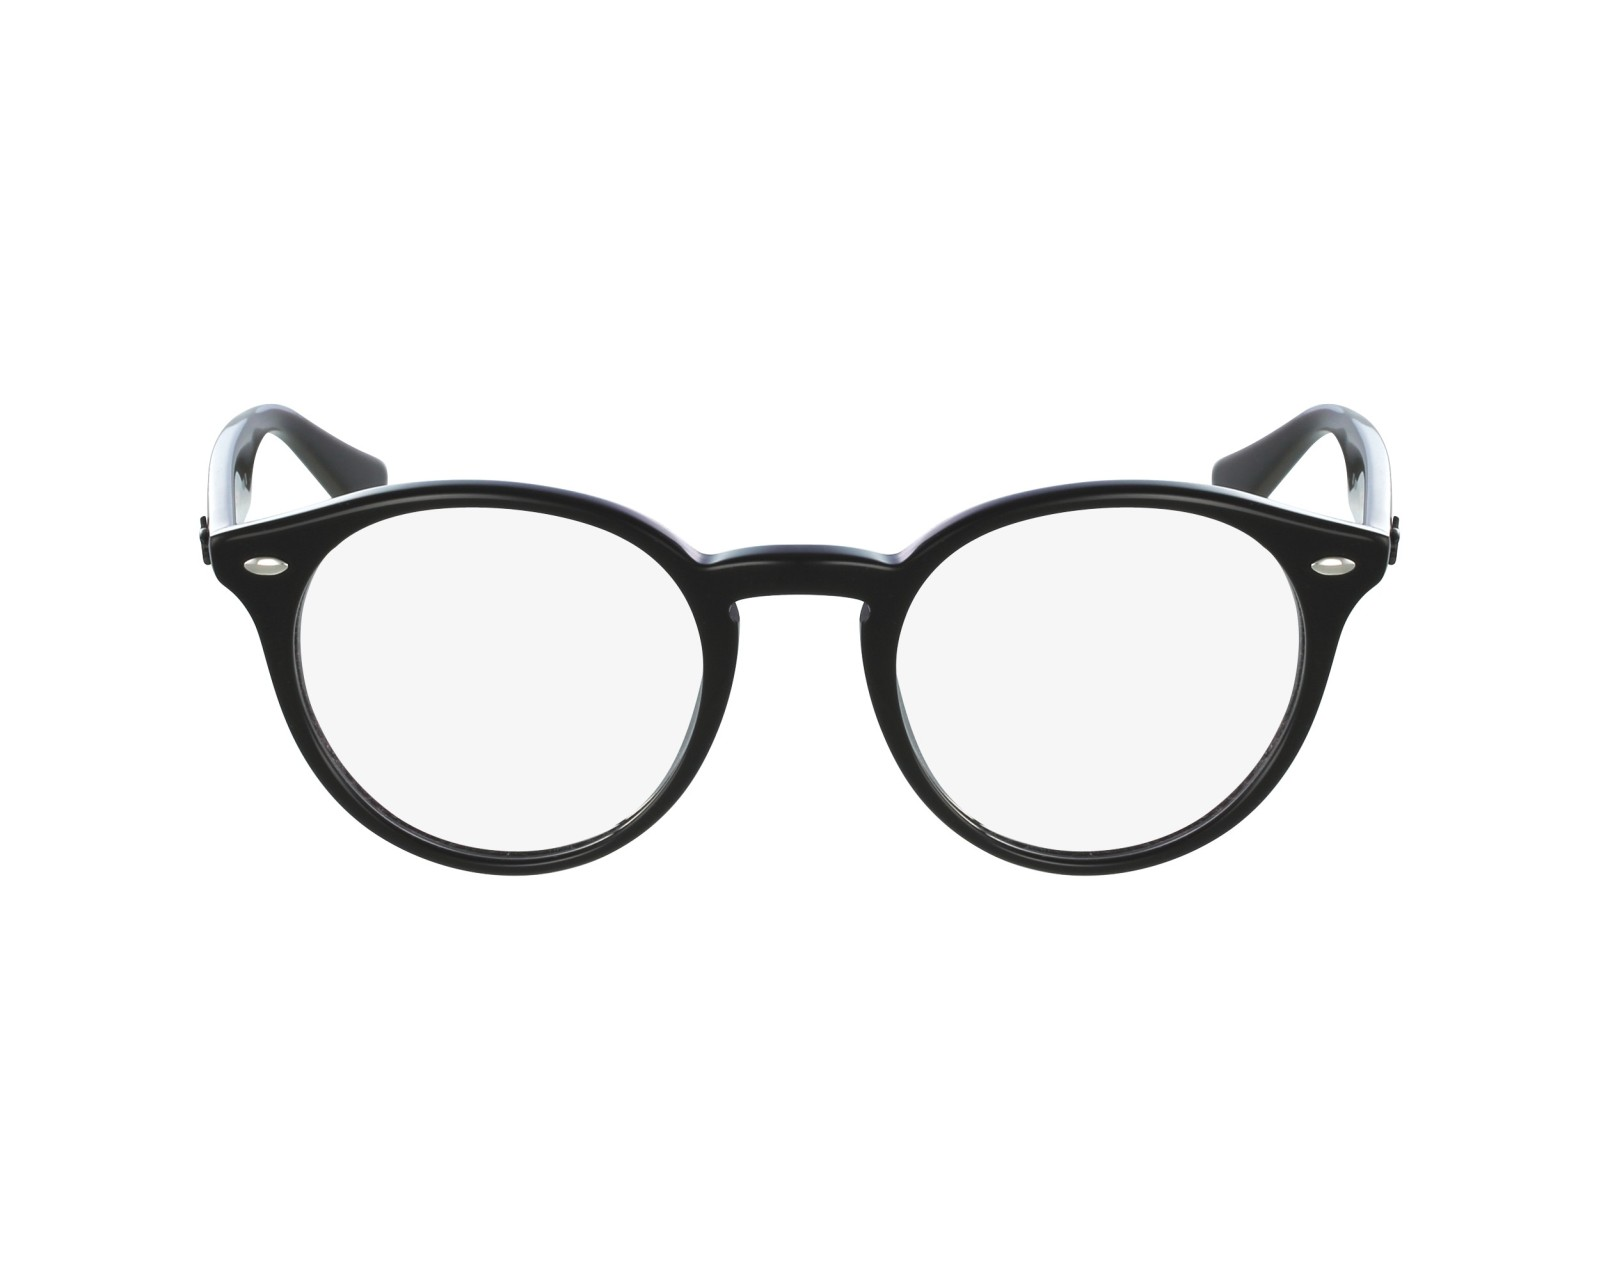 3f0ef0eb7c5 eyeglasses Ray-Ban RX-2180-V 2000 47-21 Black profile view